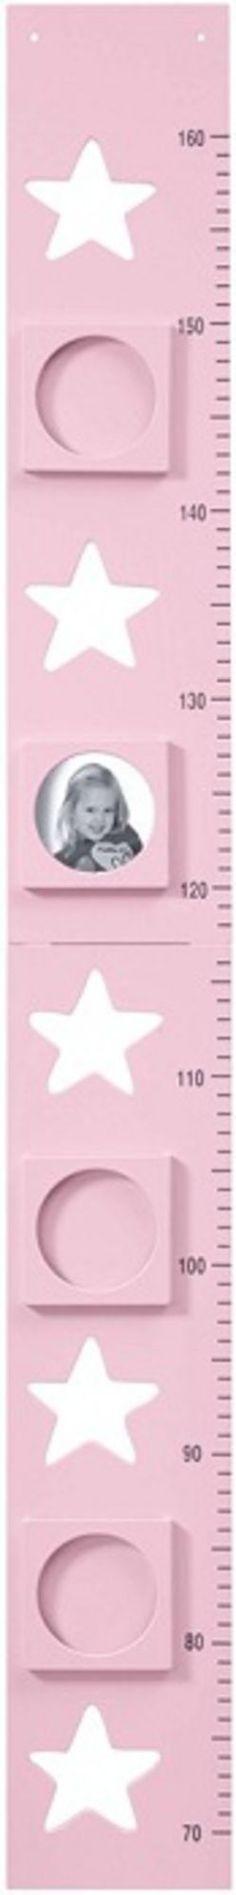 Kids Concept Mittapuu Star, Vaaleanpunainen on hieno lasten pituusmitta Kids Conceptin Star-sarjasta, jonka voi ripustaa seinälle. Mittapuu on valmistettu puusta ja siinä on neljä valokuvakehystä, joihin voi laittaa kuvia merkiksi lapsen kasvusta. Mittapuu mittaa lapsen pituuden 70-160 cm välillä.<br><br>Mittapuu on pedagoginen tapa lapselle ymmärtää pituutta ja mittoja. Se on hauska tapa dokumentoida lapsen kehitystä ja hieno seinäkoriste lastenhuoneeseen. Jos et halua pitää mitt...